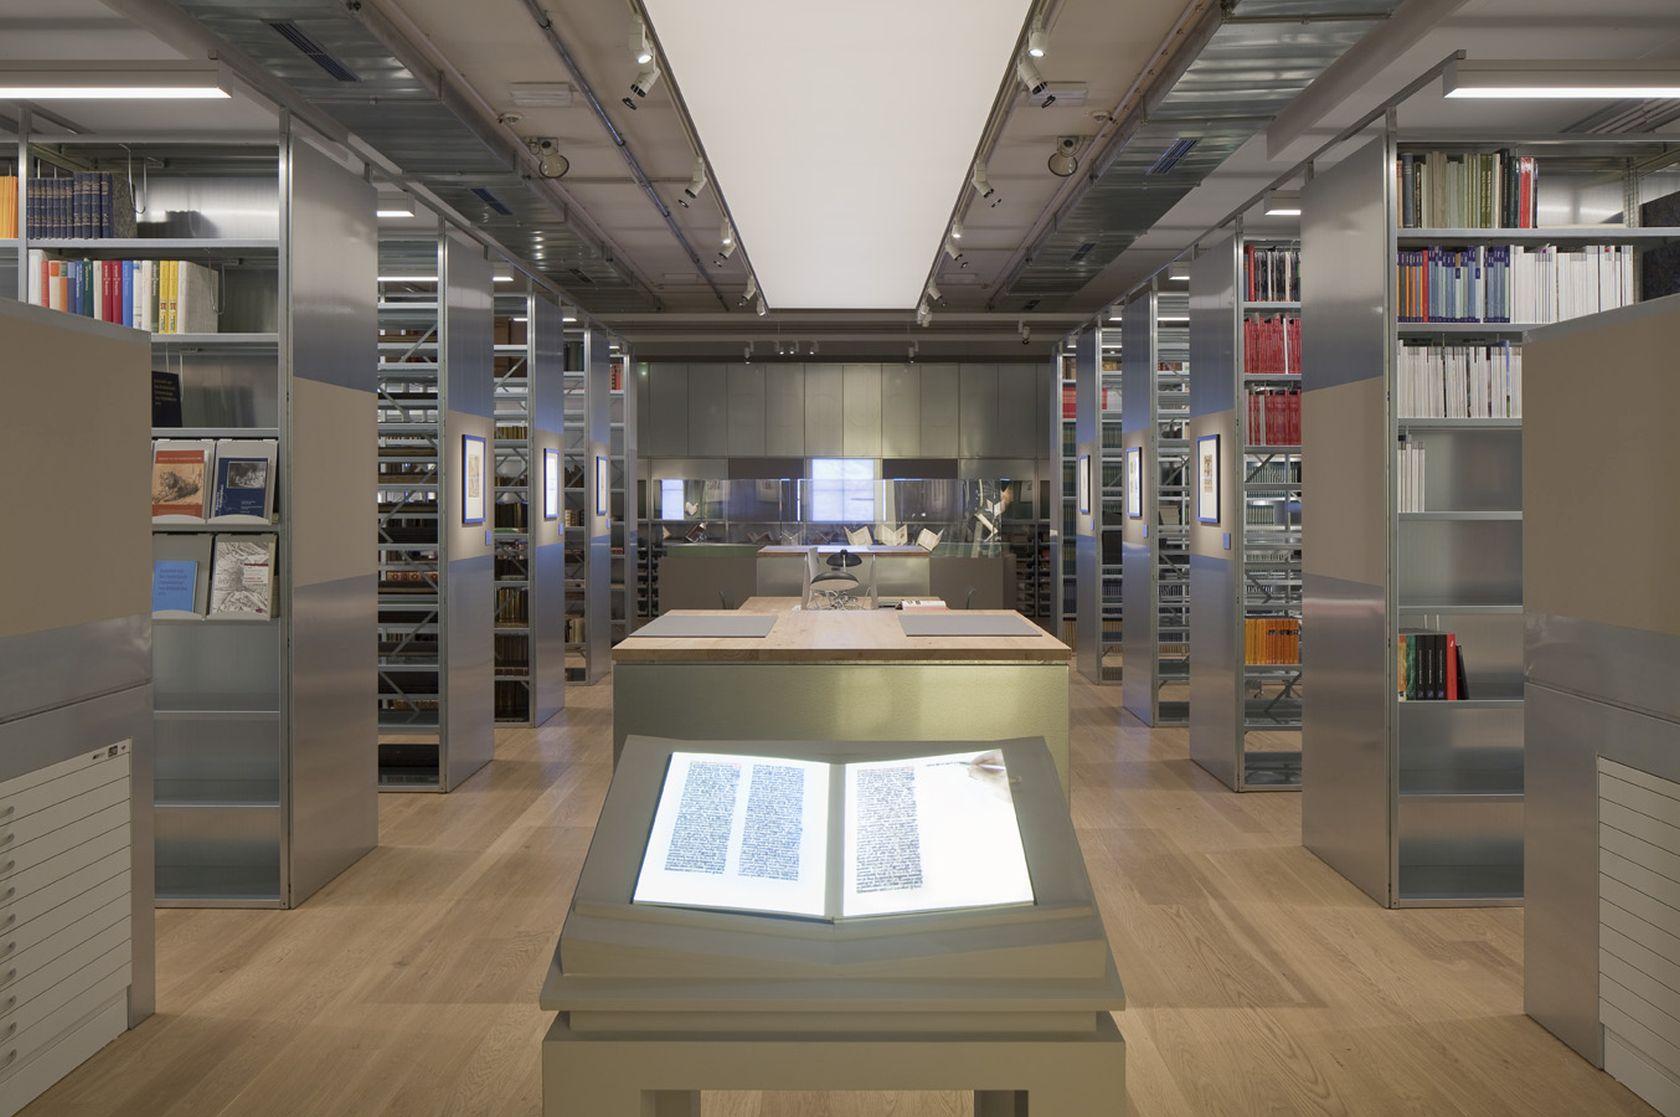 Bibliothek Liberna – Eine Rauminszenierung für Bibliothek, Studiensaal und Kabinettausstellungen